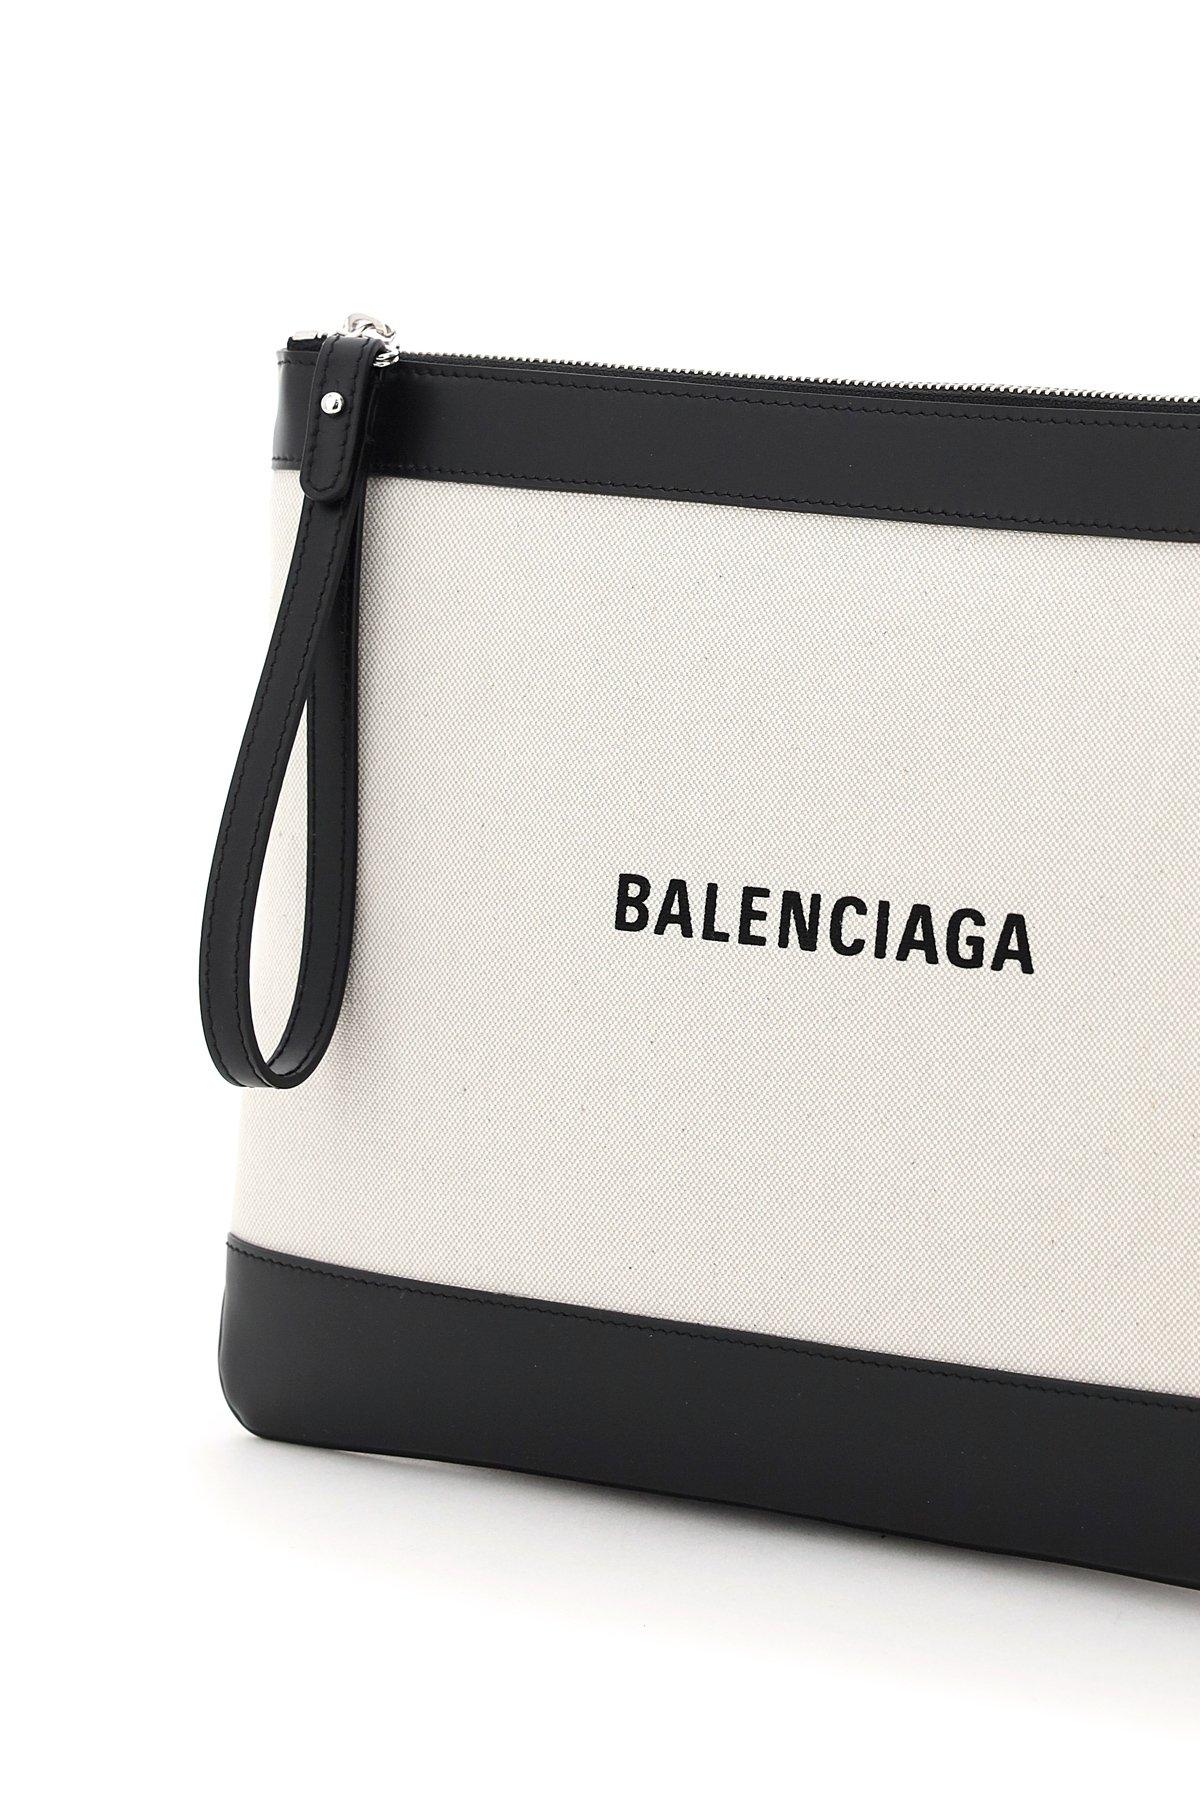 Balenciaga pouch navy medium